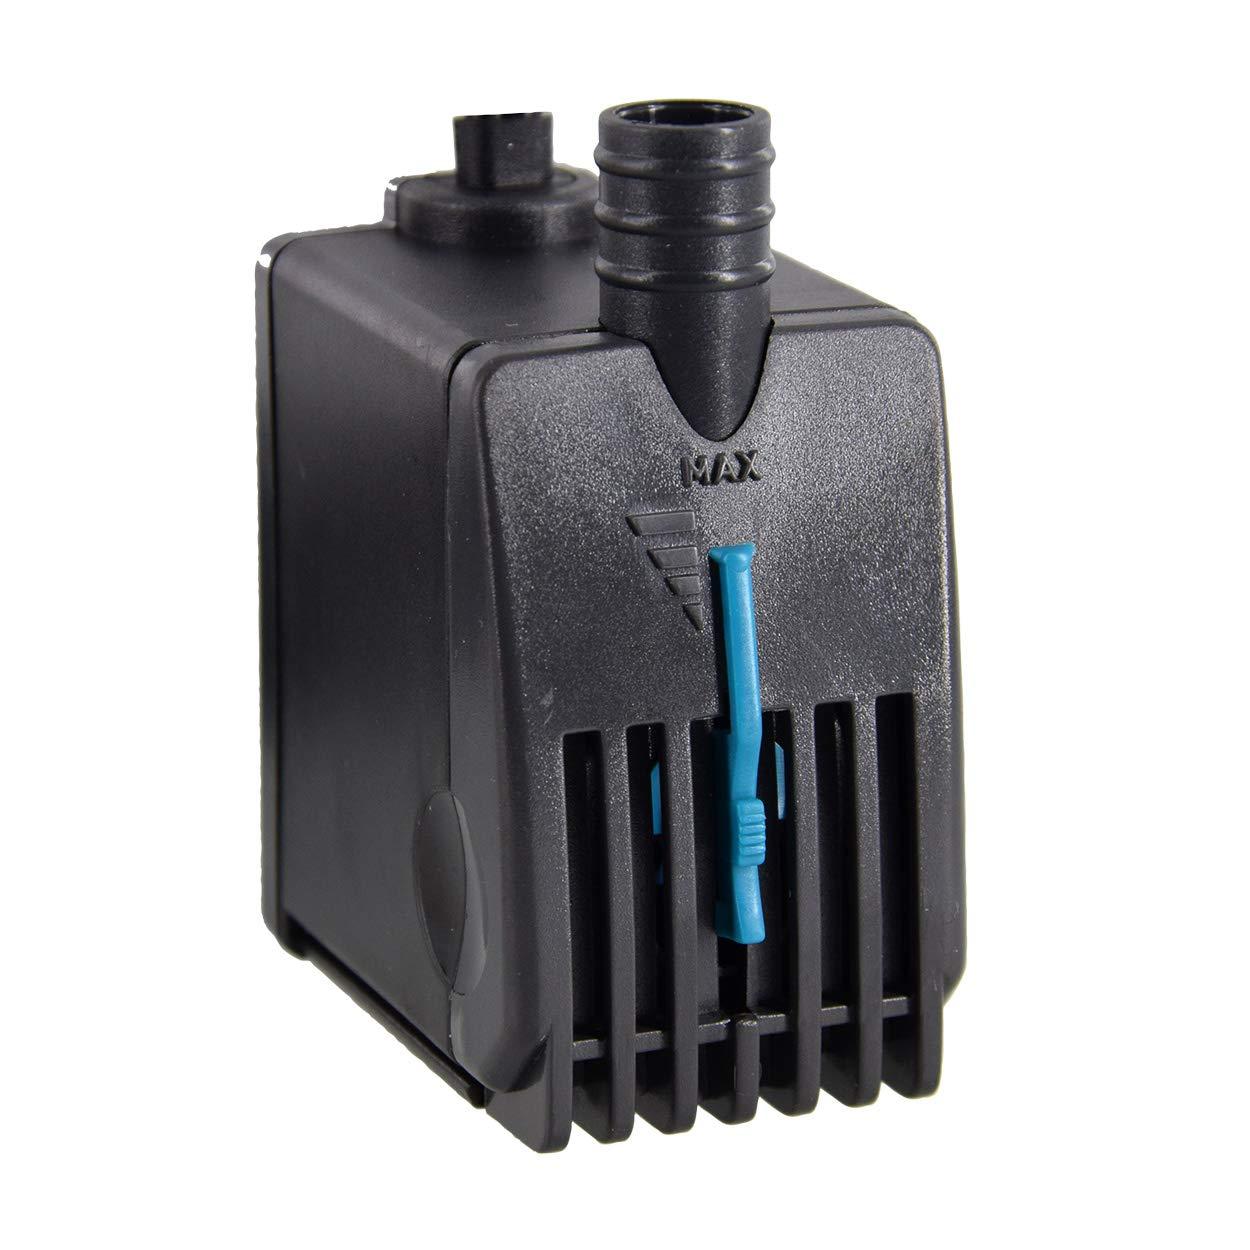 Cobalt Aquatics Mini MJ 606 Water Pump - 159gph by Cobalt Aquatics